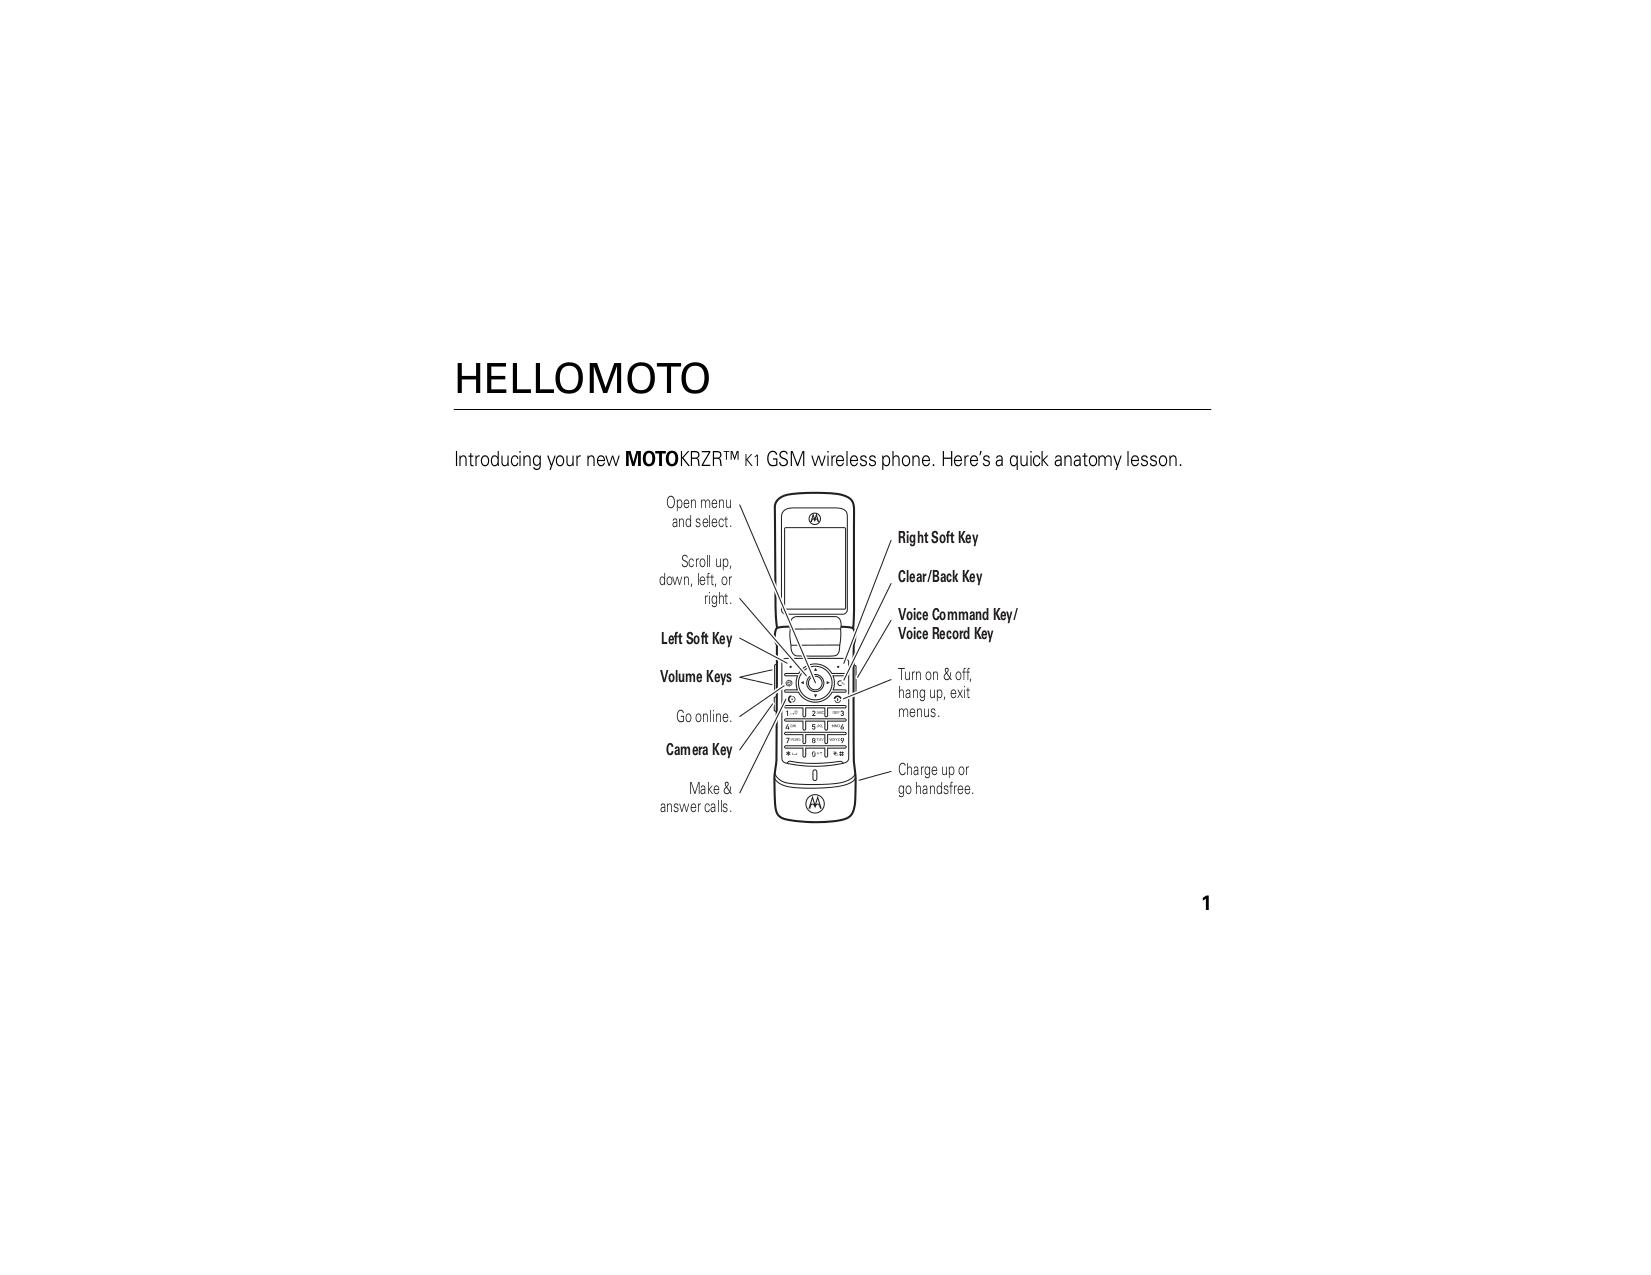 pdf manual for motorola cell phone krzr k1 rh umlib com motorola k1 manual motorola krzr manual